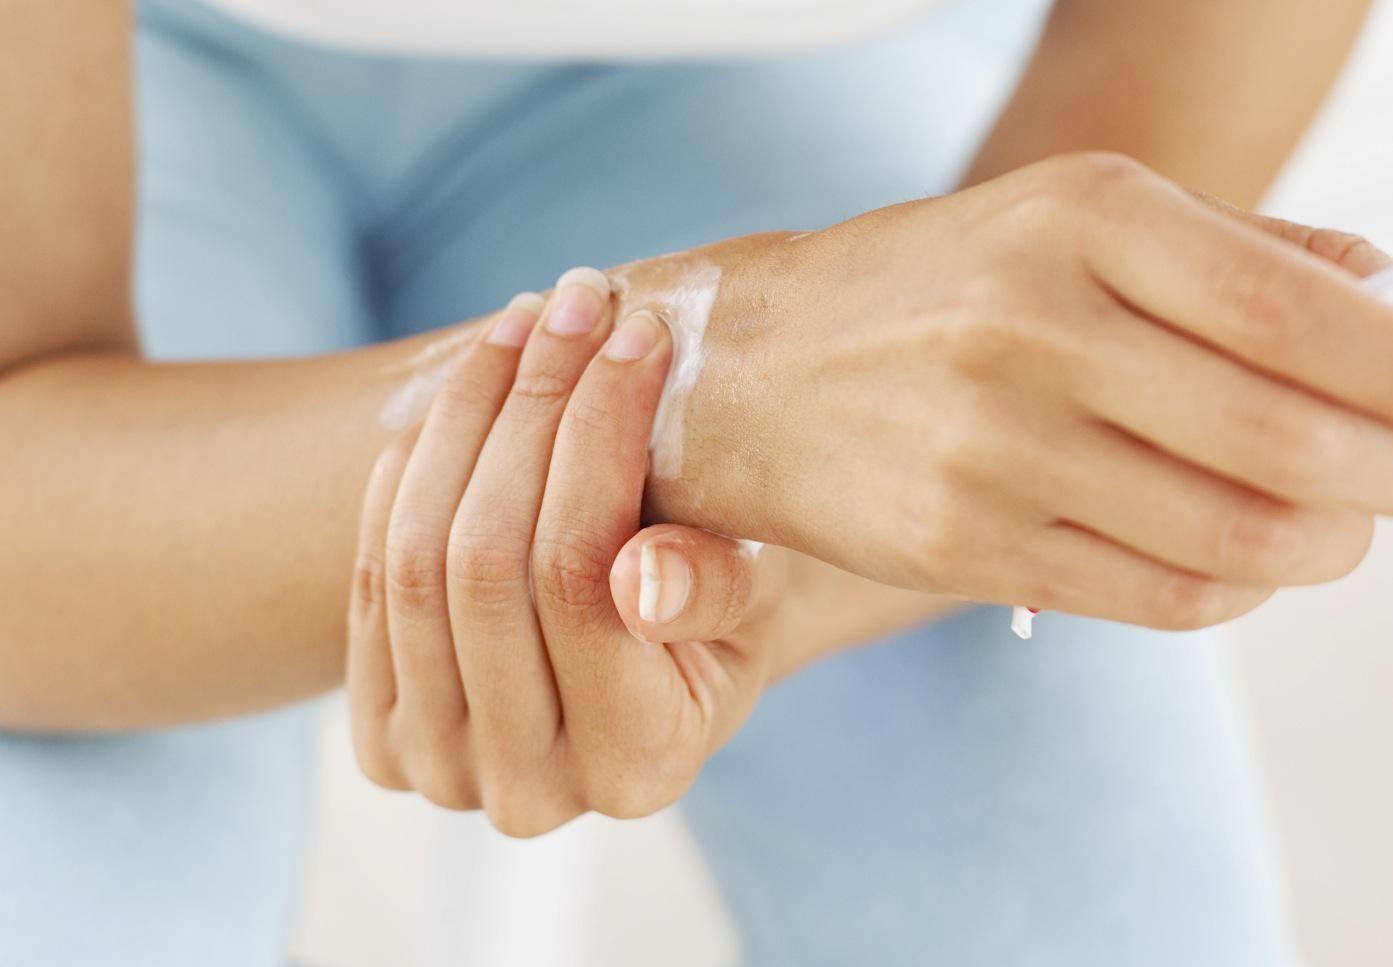 mikoplazma fájó ízületek térdhosszabbítás artrózis esetén